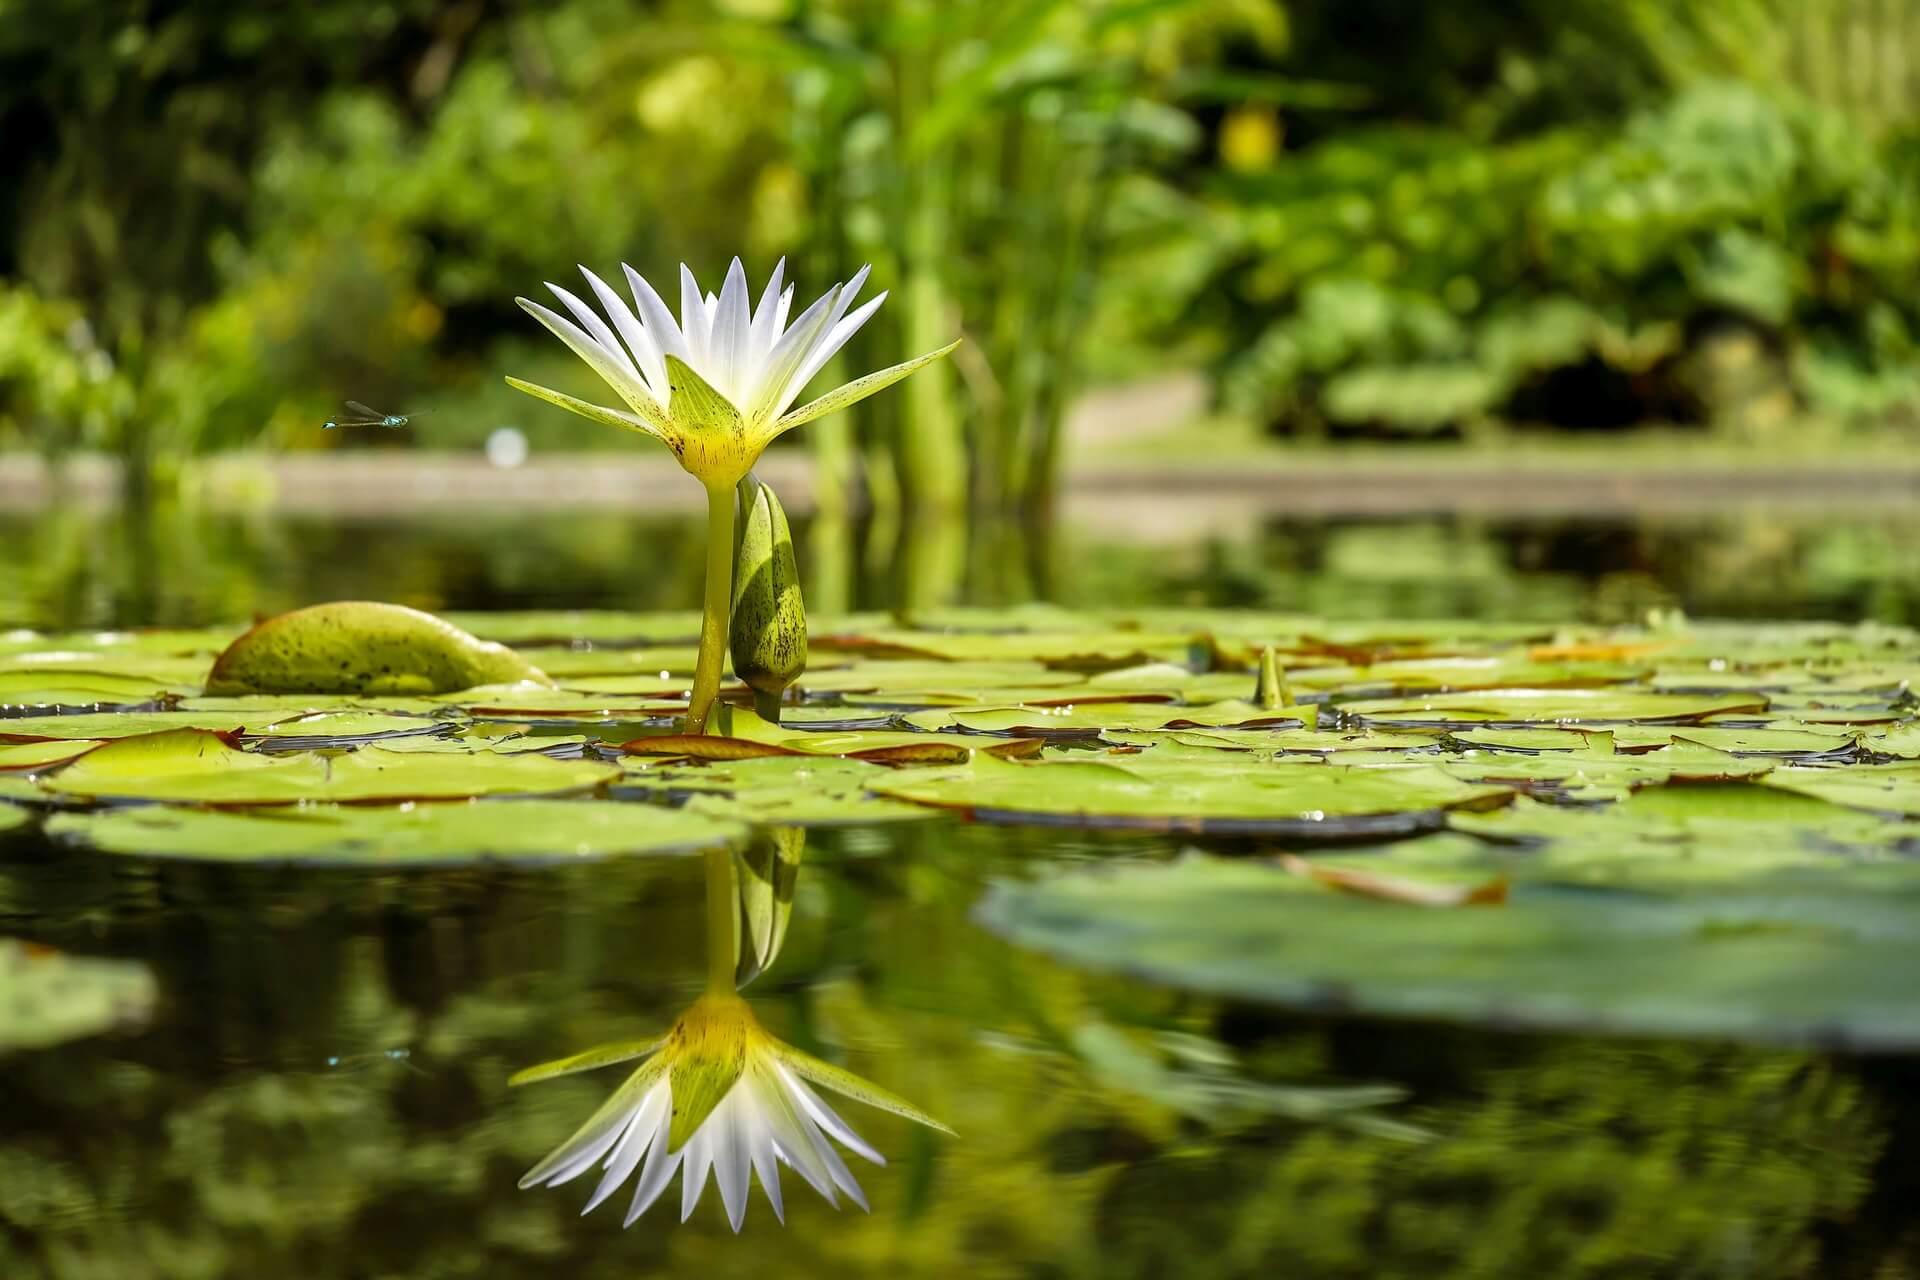 an aquatic plant